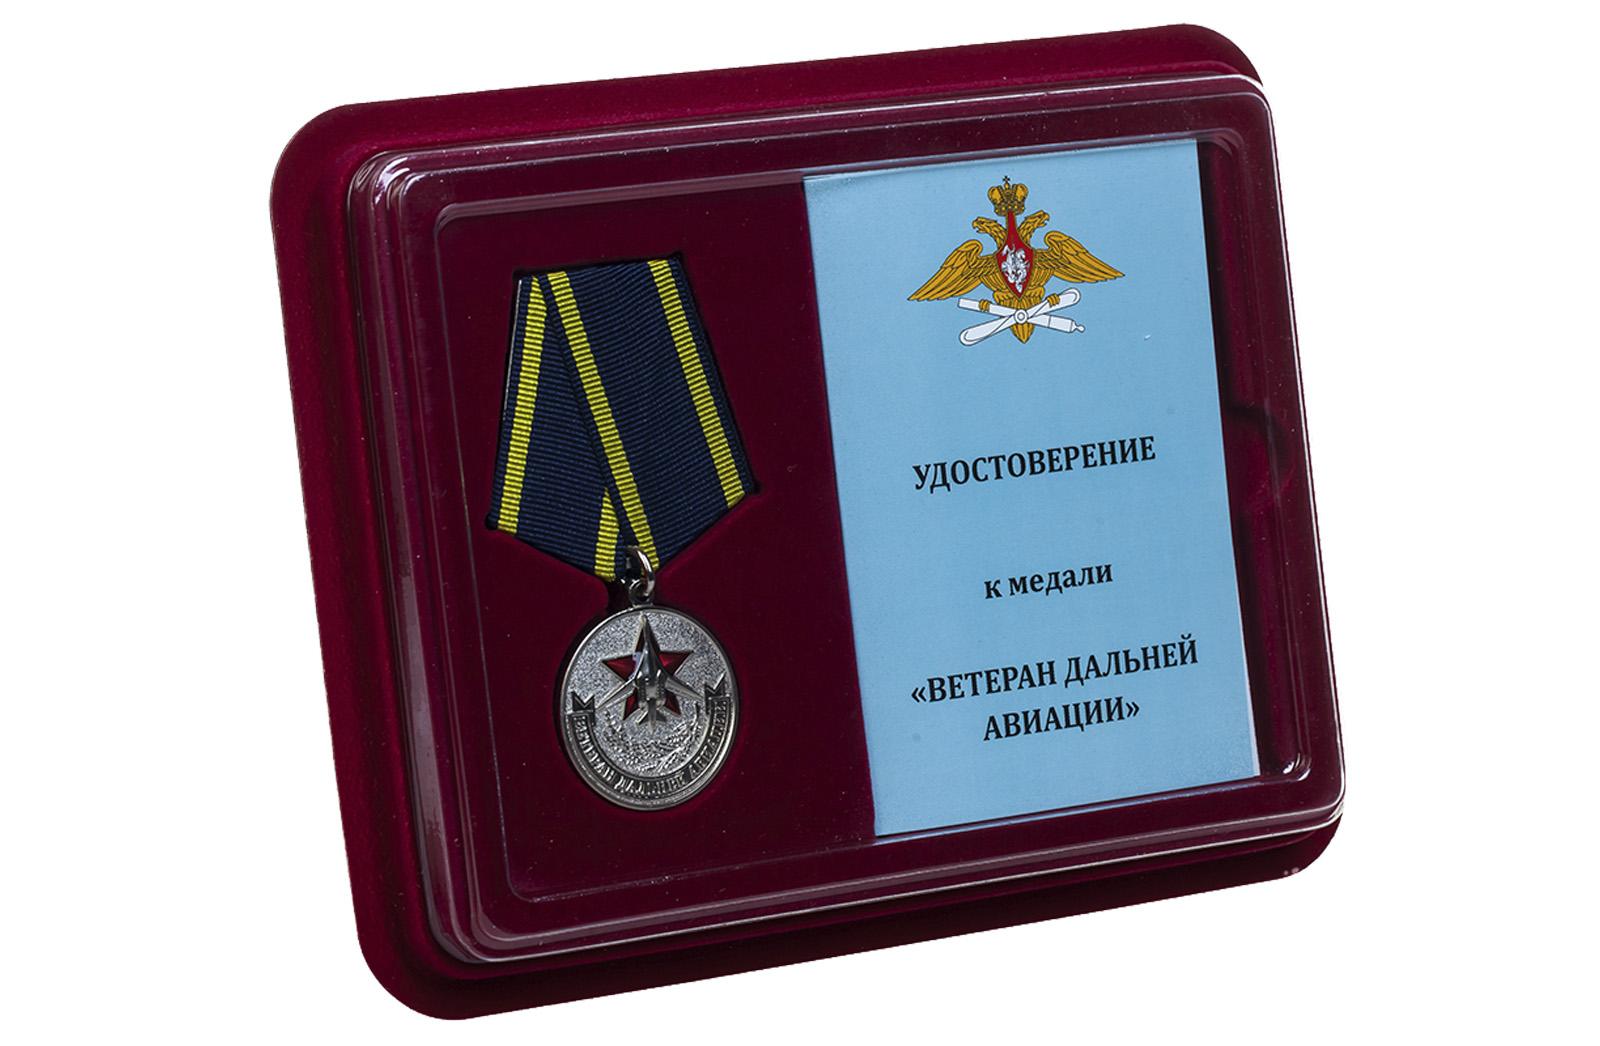 """Медаль """"Дальняя авиация"""" для ветеранов"""